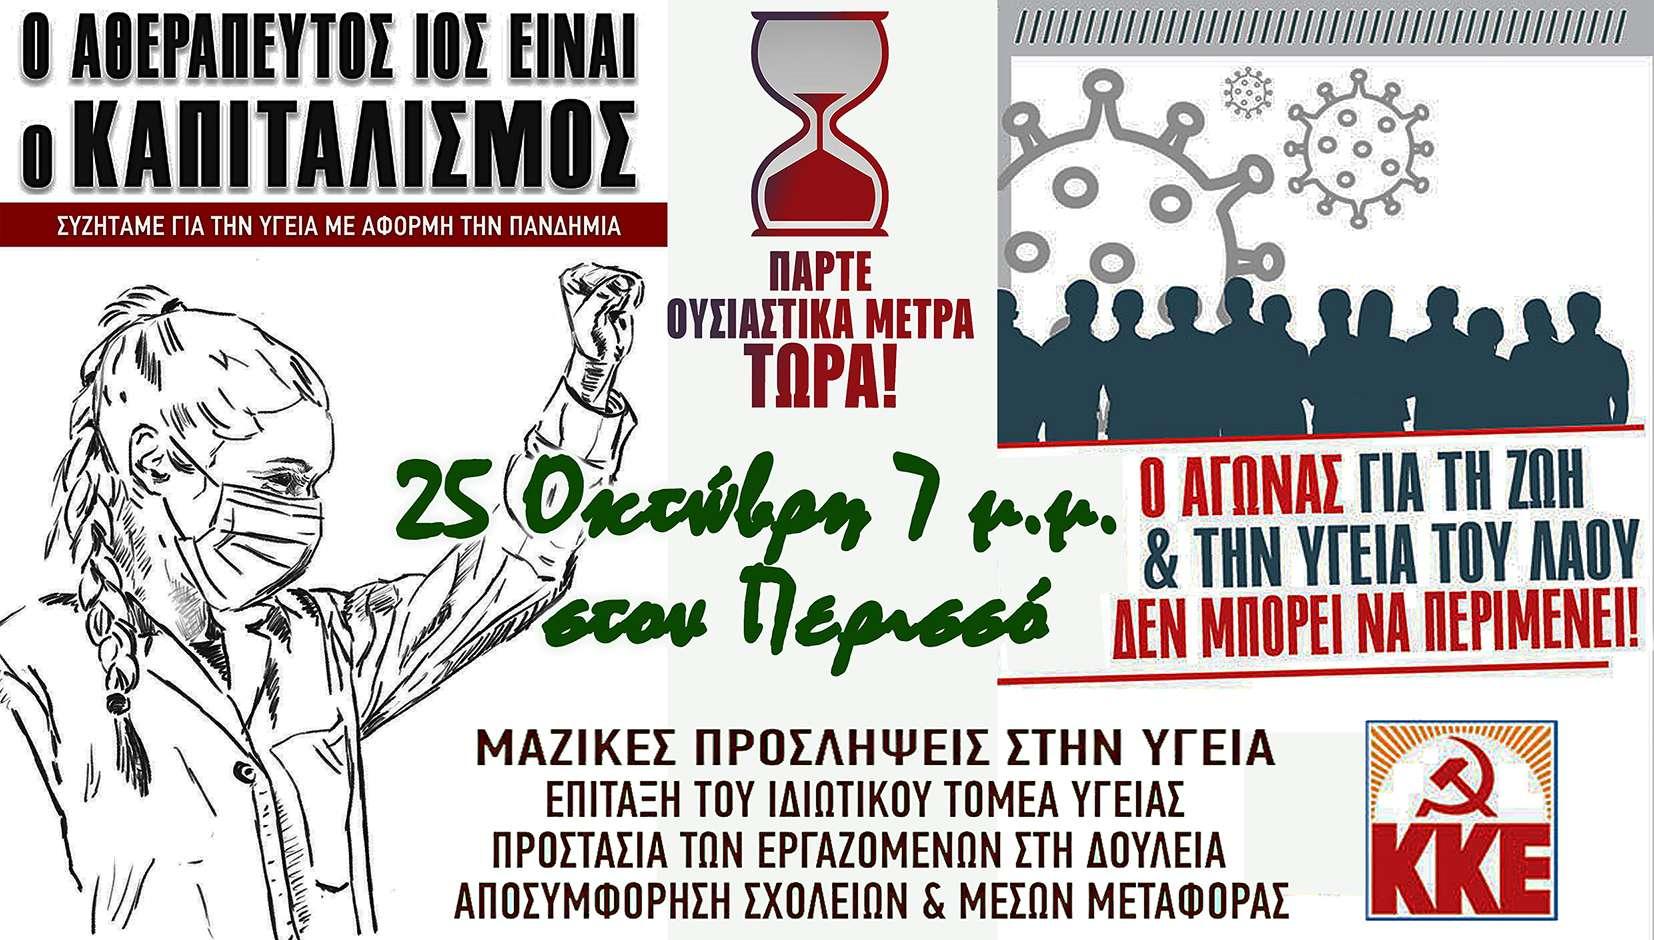 25 Οκτ εκδήλωση με τις θέσεις του ΚΚΕ για το «νέο ΕΣΥ»